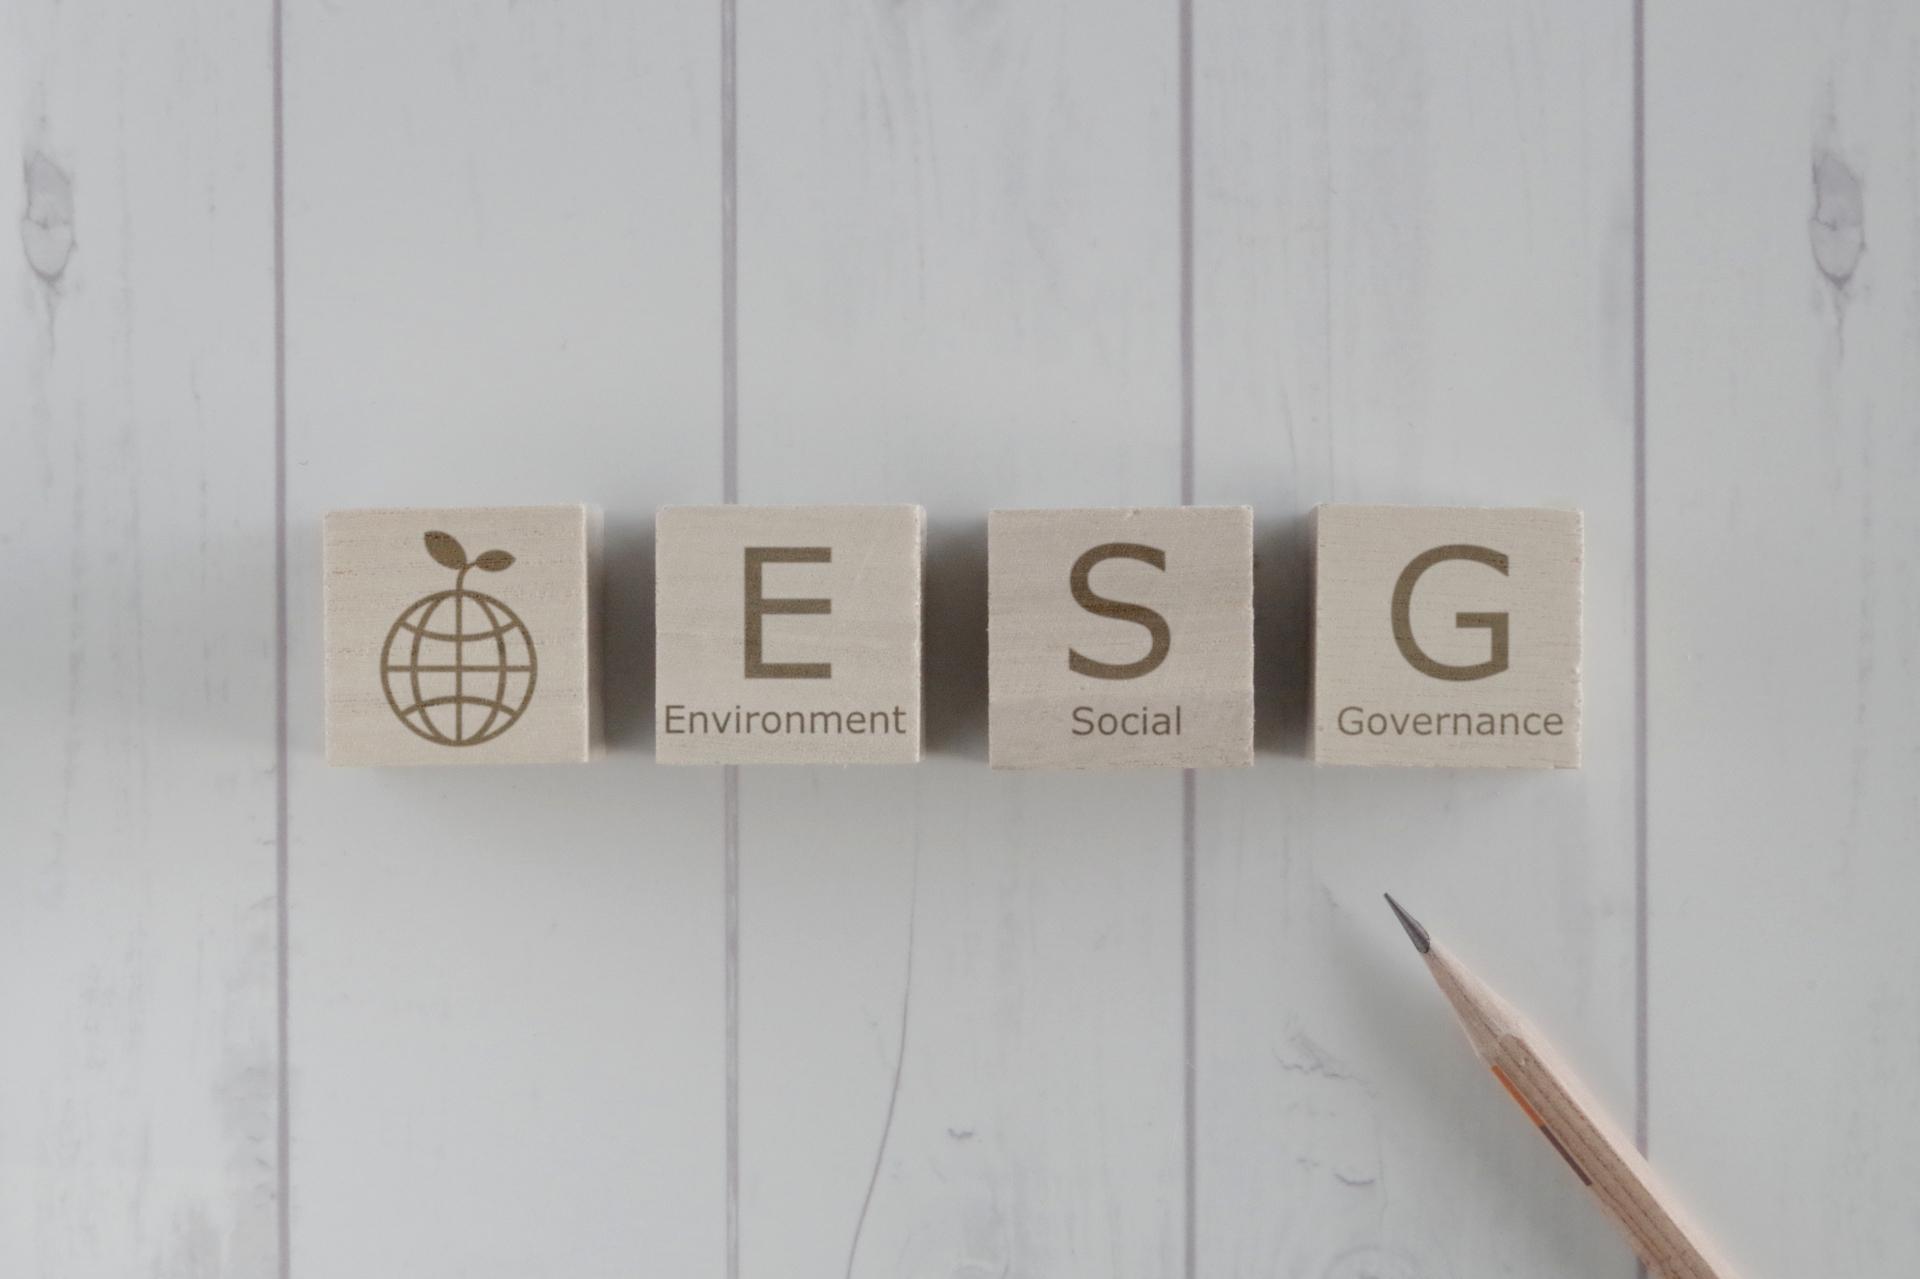 クラウドファンディングでESG投資!スマホから簡単社会貢献。